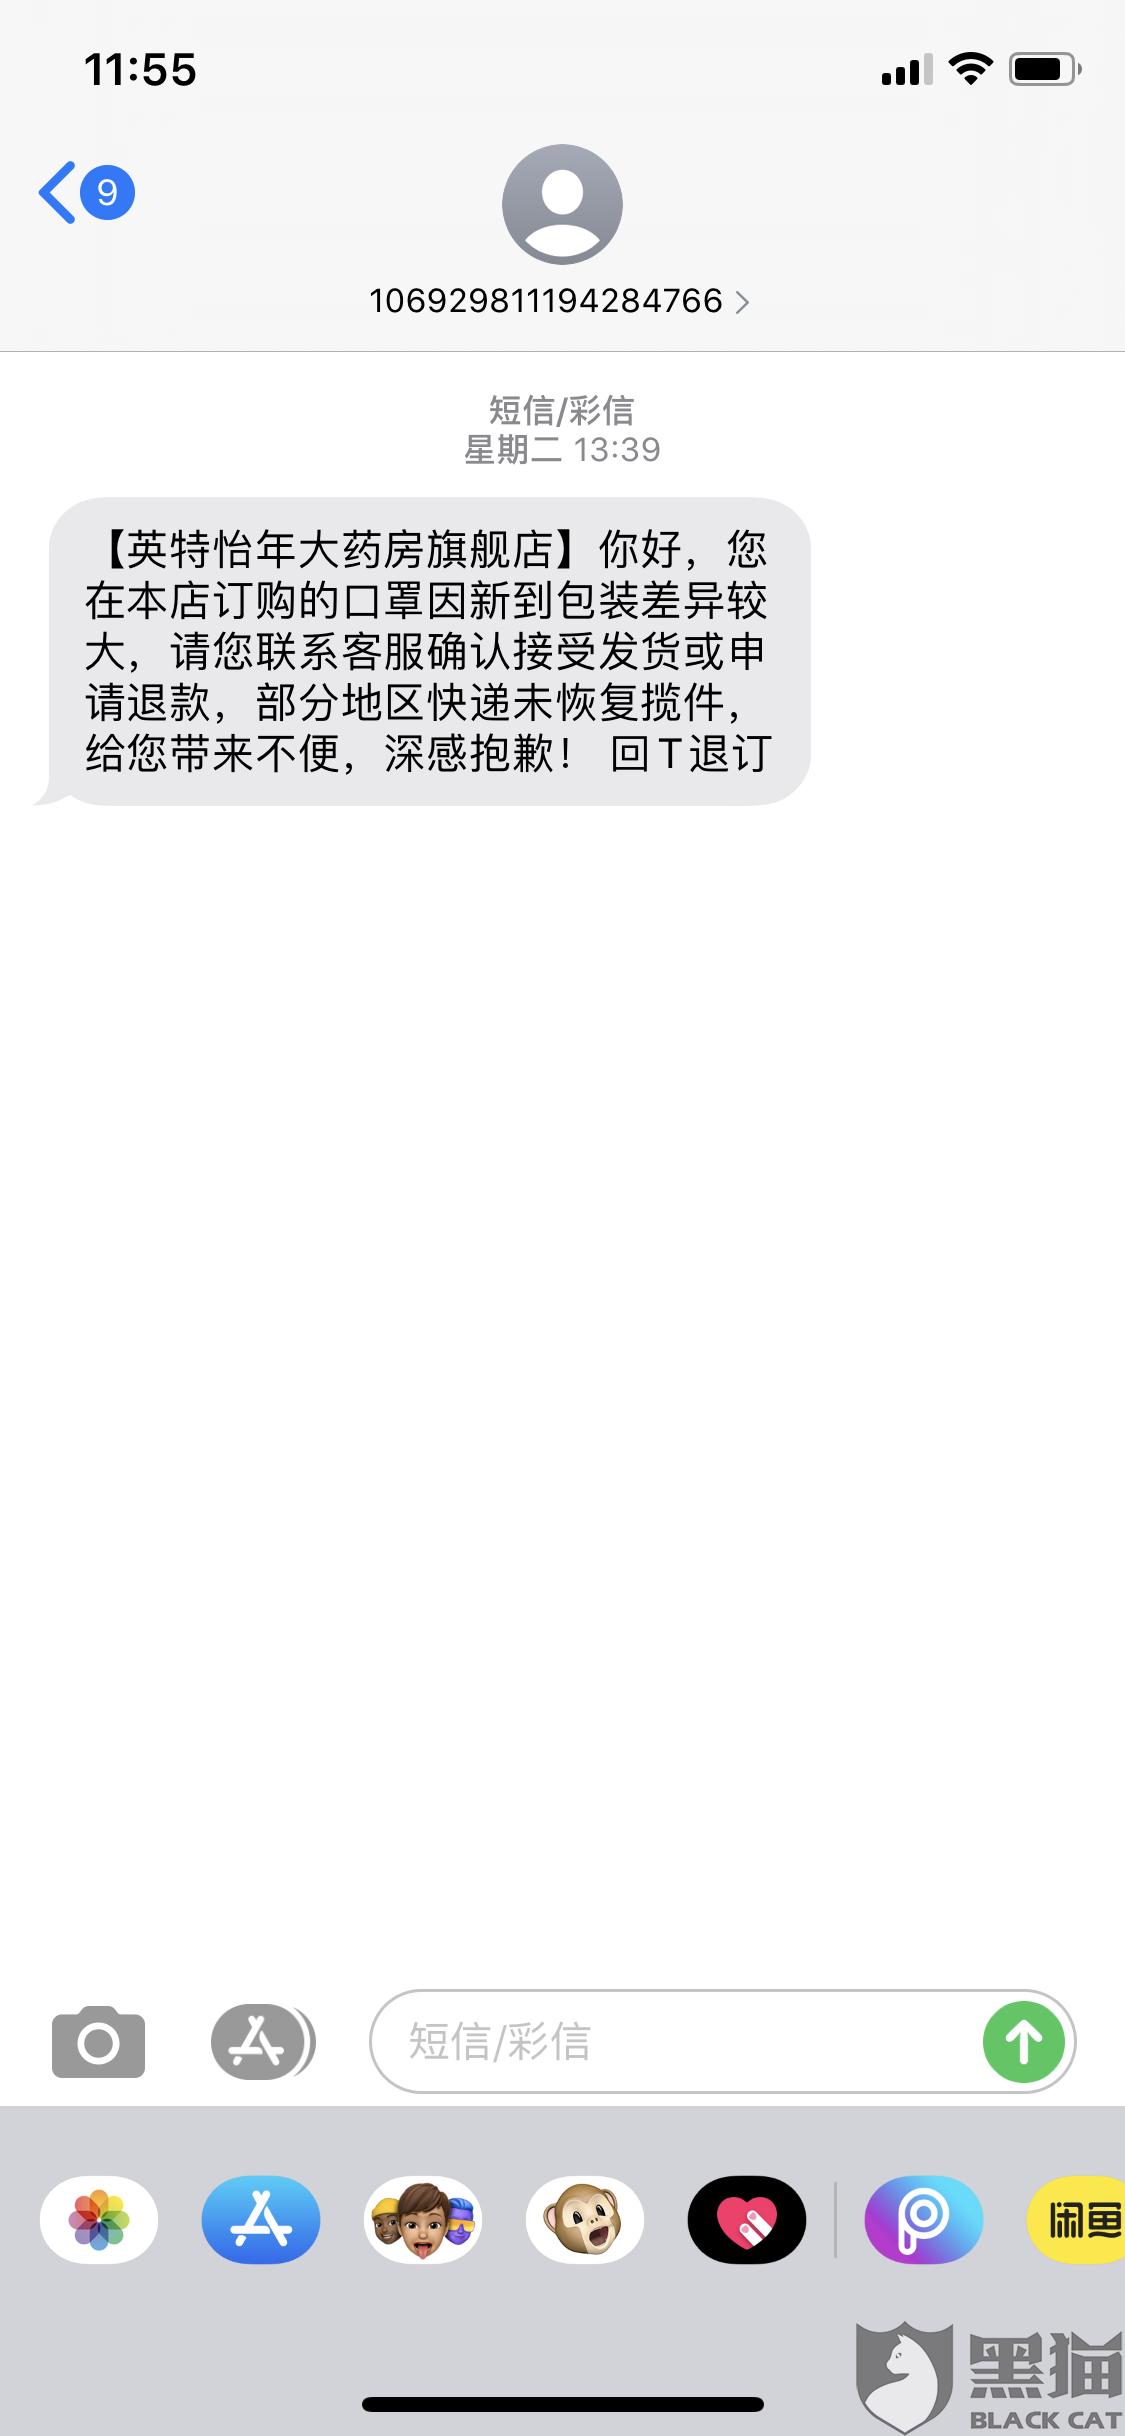 黑猫投诉:英特怡年大药房迟迟不发货